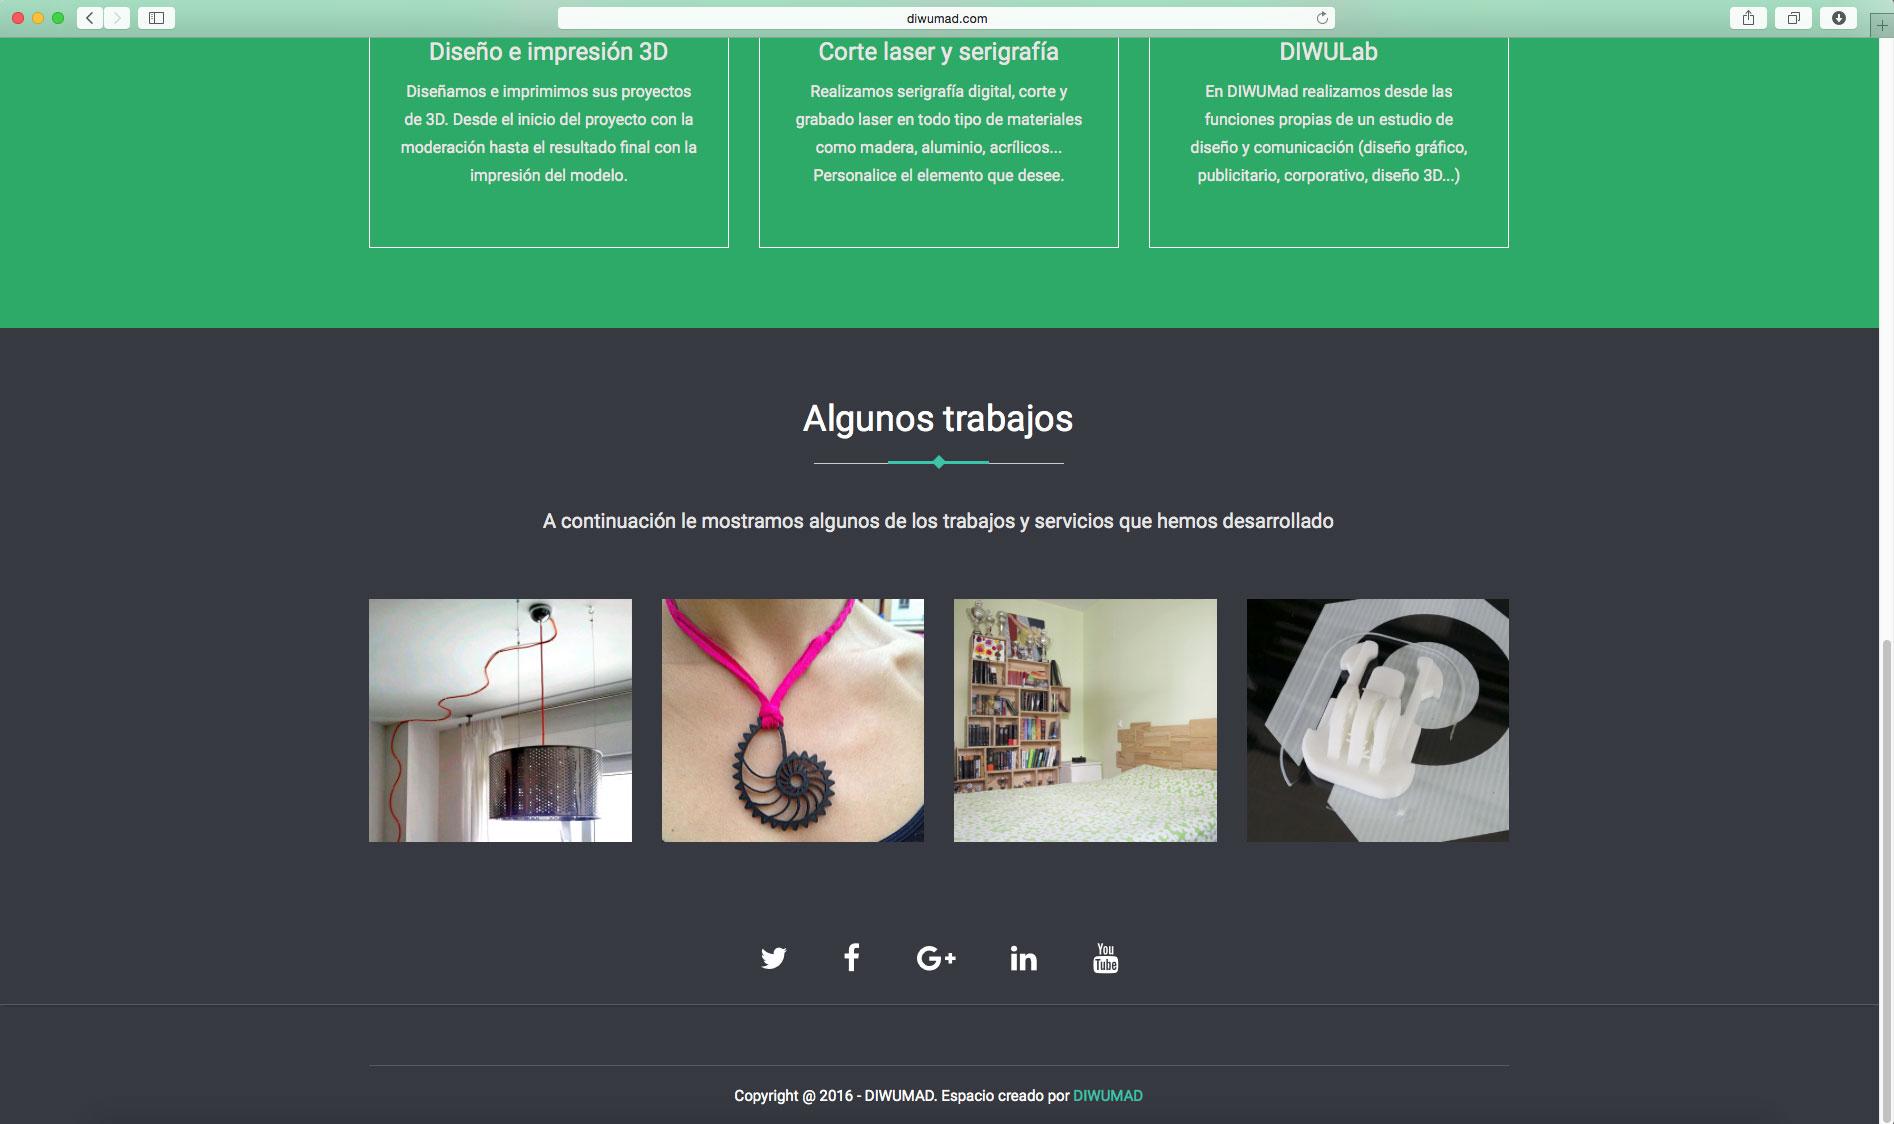 Diseño de página web para DIWUMad